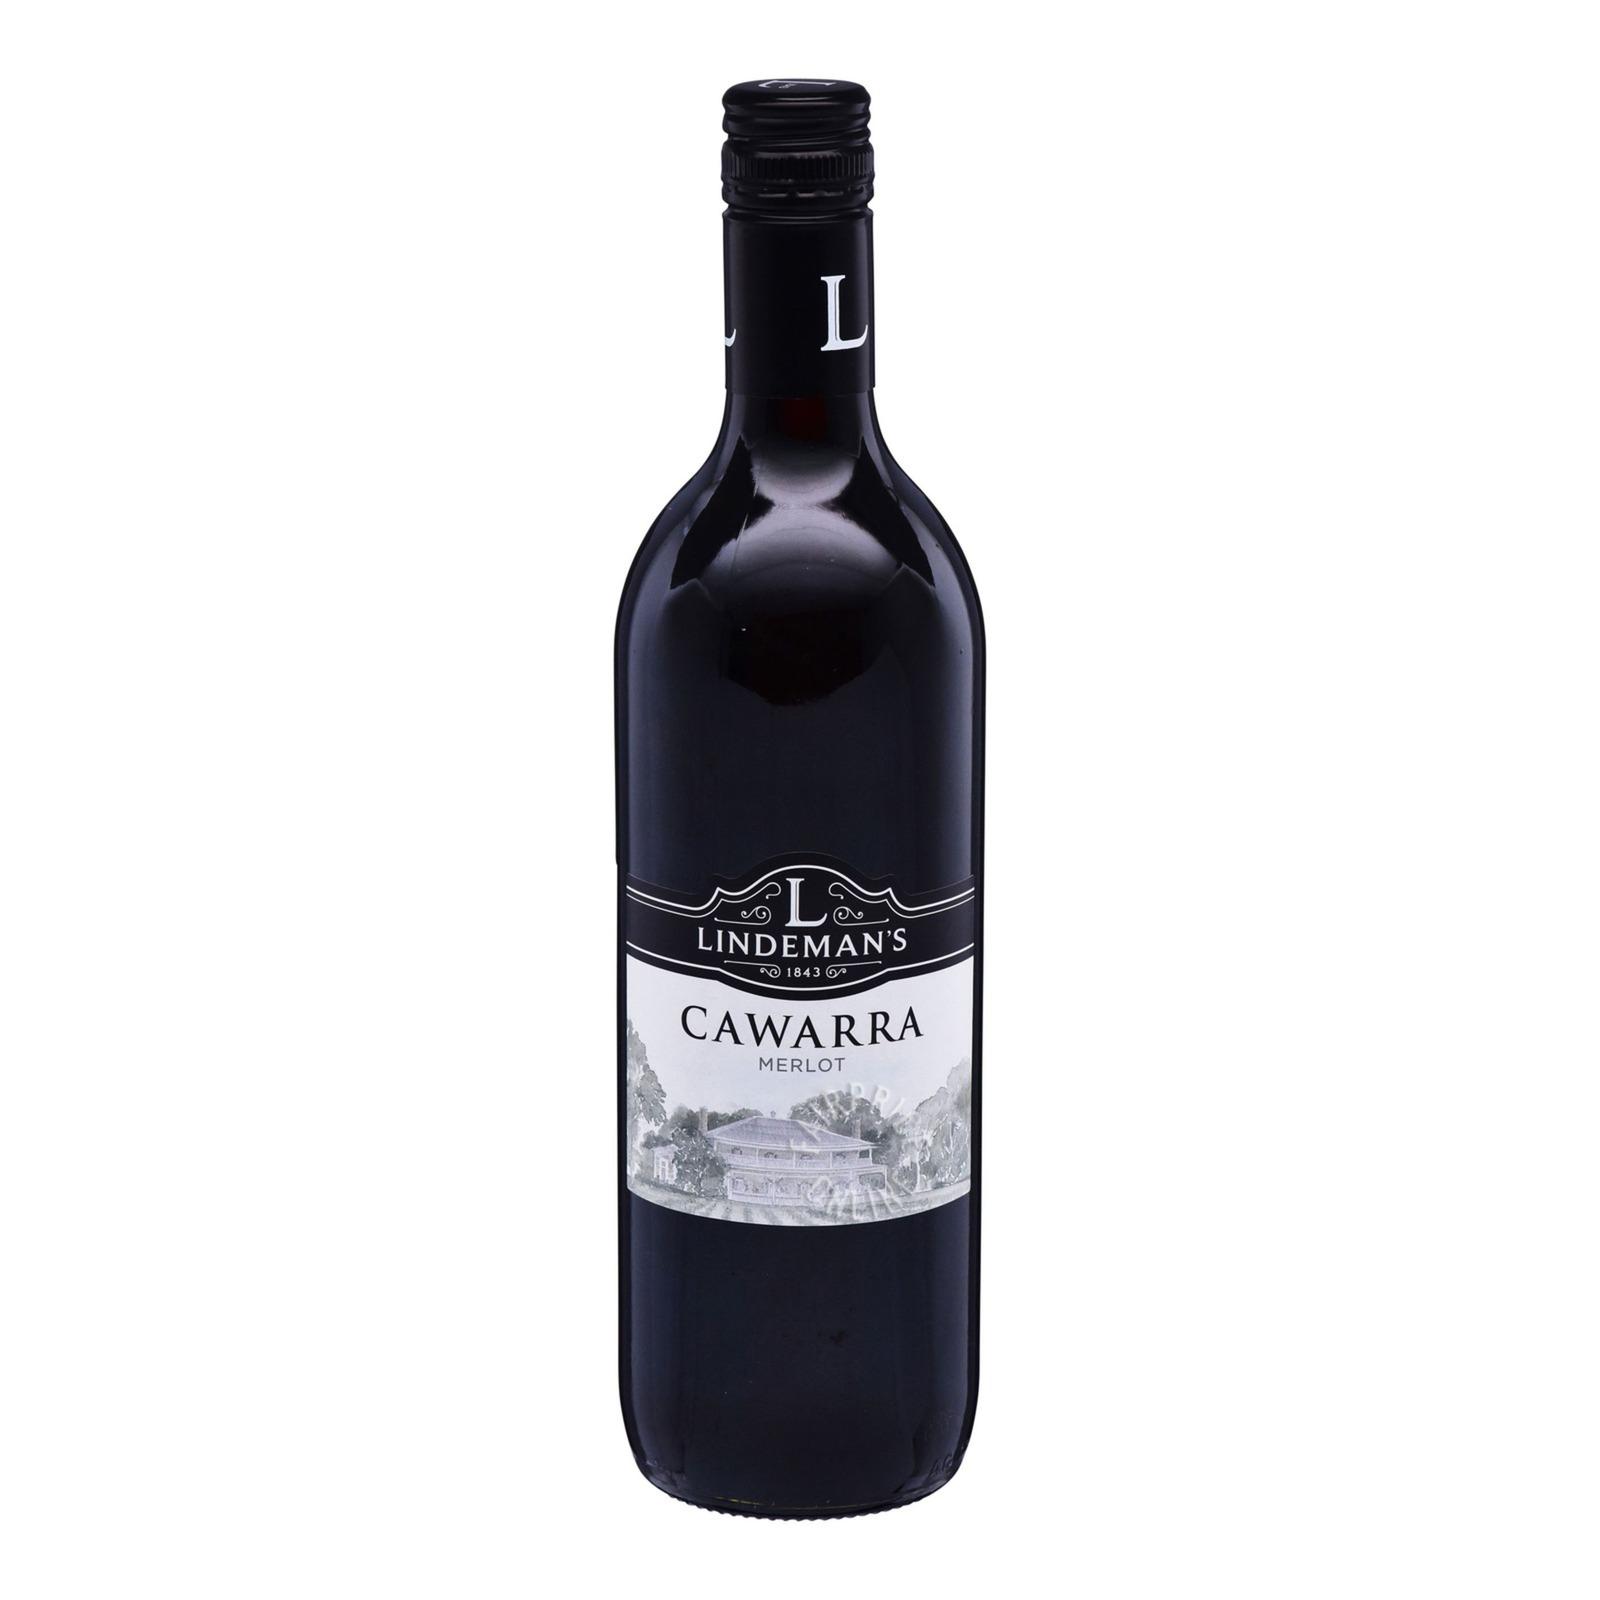 Lindeman's Cawarra Red Wine - Merlot